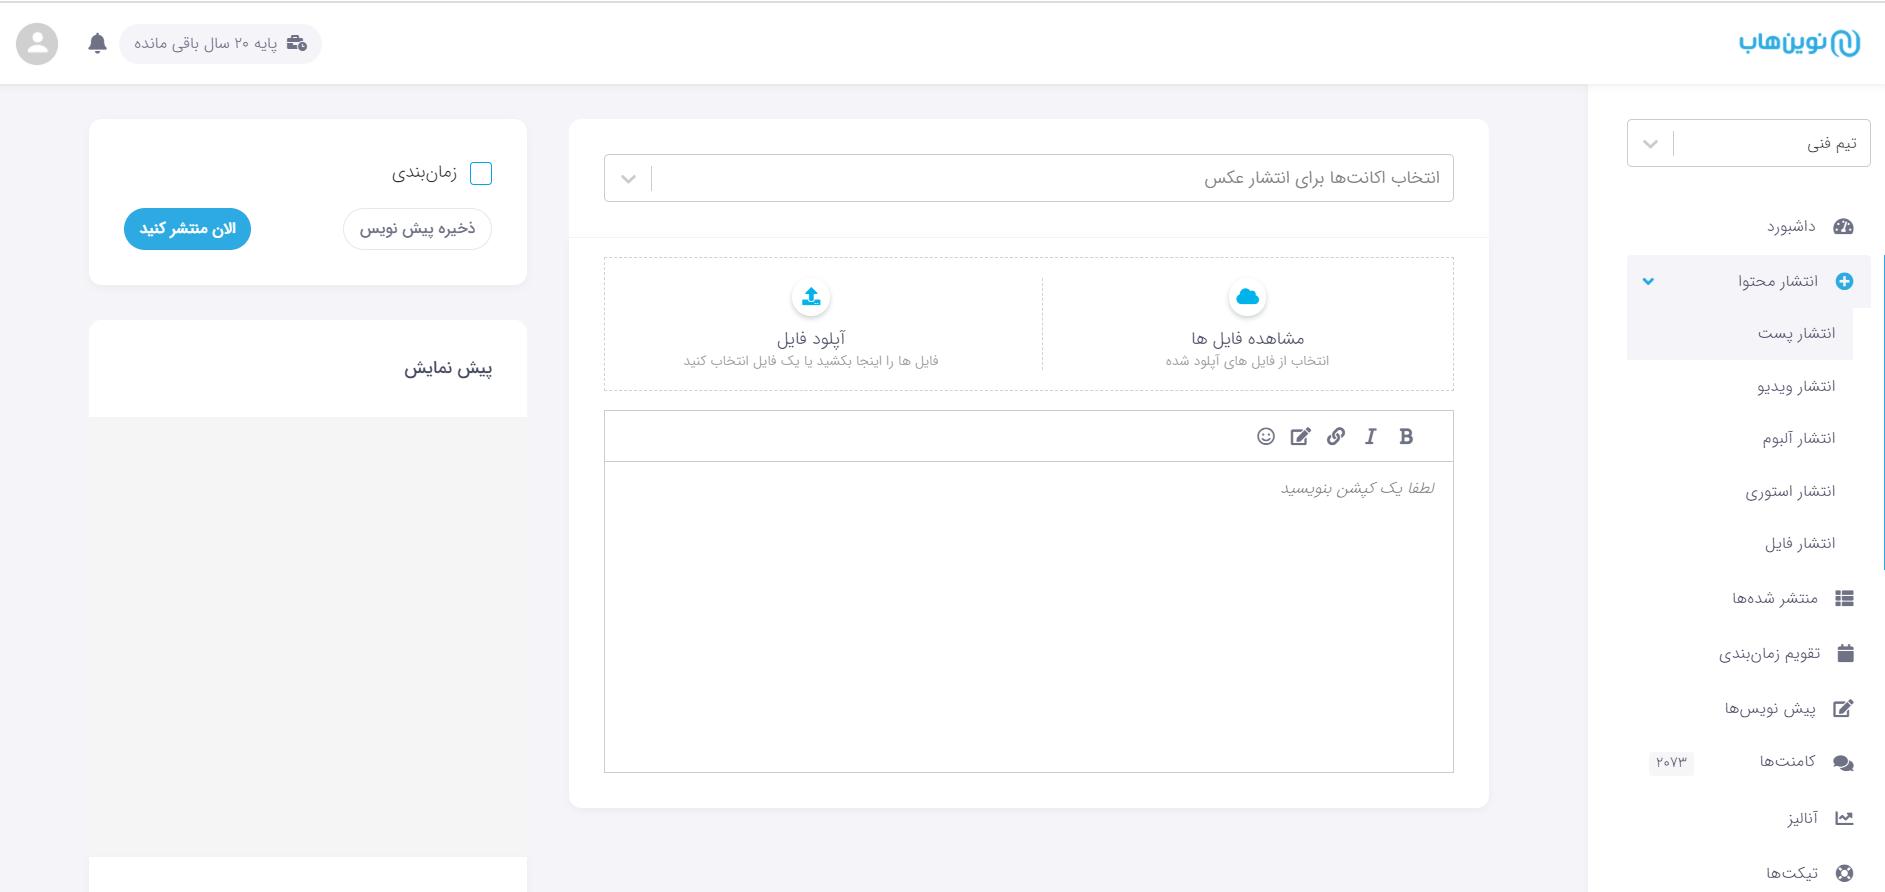 استفاده از سیستمهای خودکار برای انتشار پست در لینکدین